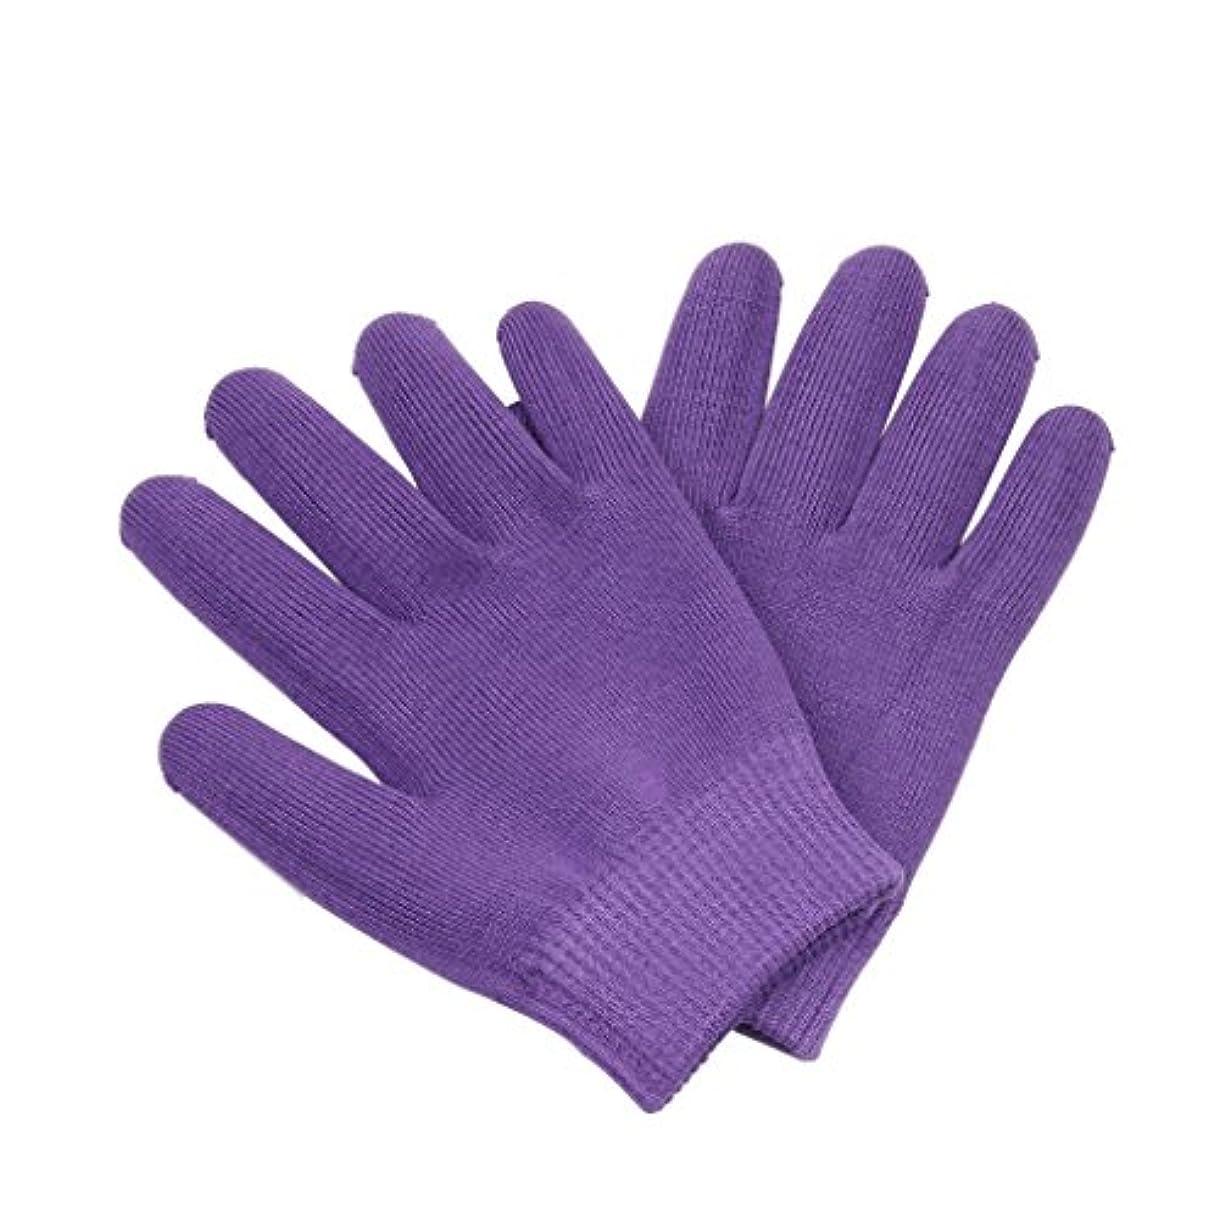 リスキーな可動式出発する保湿手袋 おやすみ手袋 就寝用 手袋 手湿疹 肌荒れ 乾燥防止 乾燥肌 手荒れ 保湿 スキンケア 全3色選べ - 紫